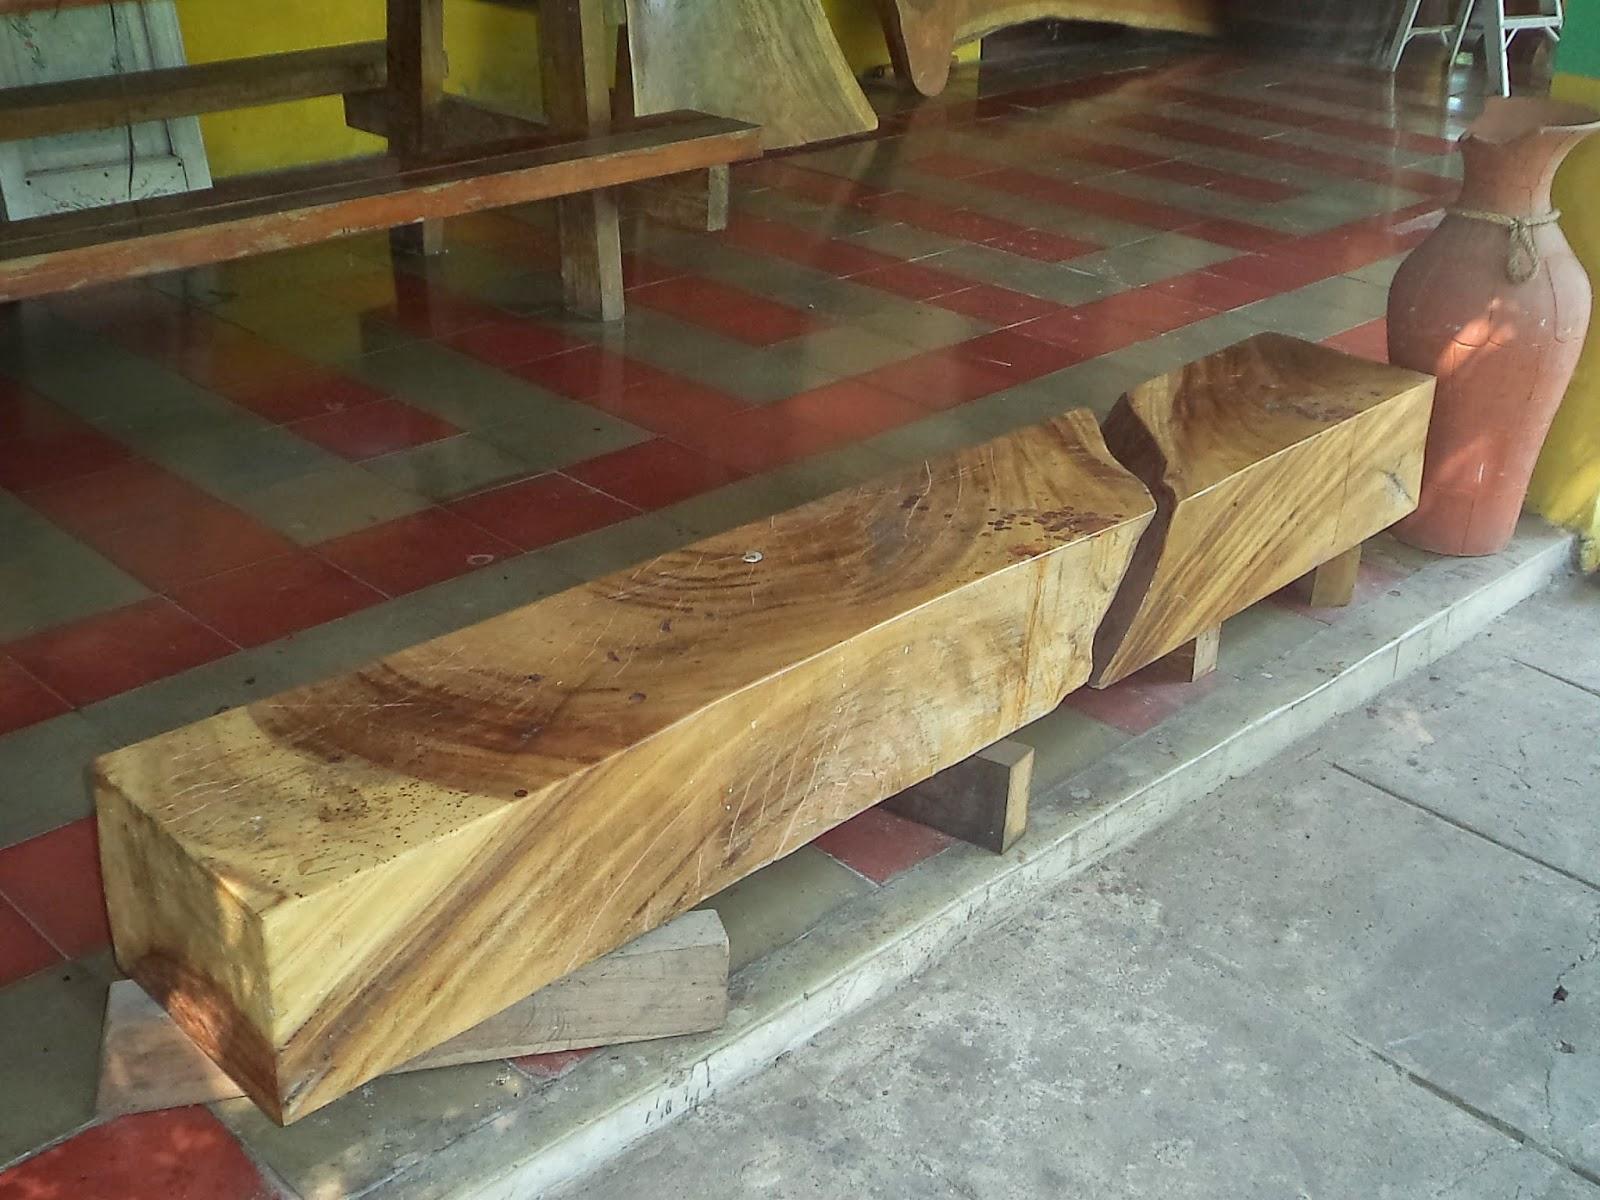 Productos de la codorniz madera decorada para muebles de patio o corredor - Muebles de patio ...